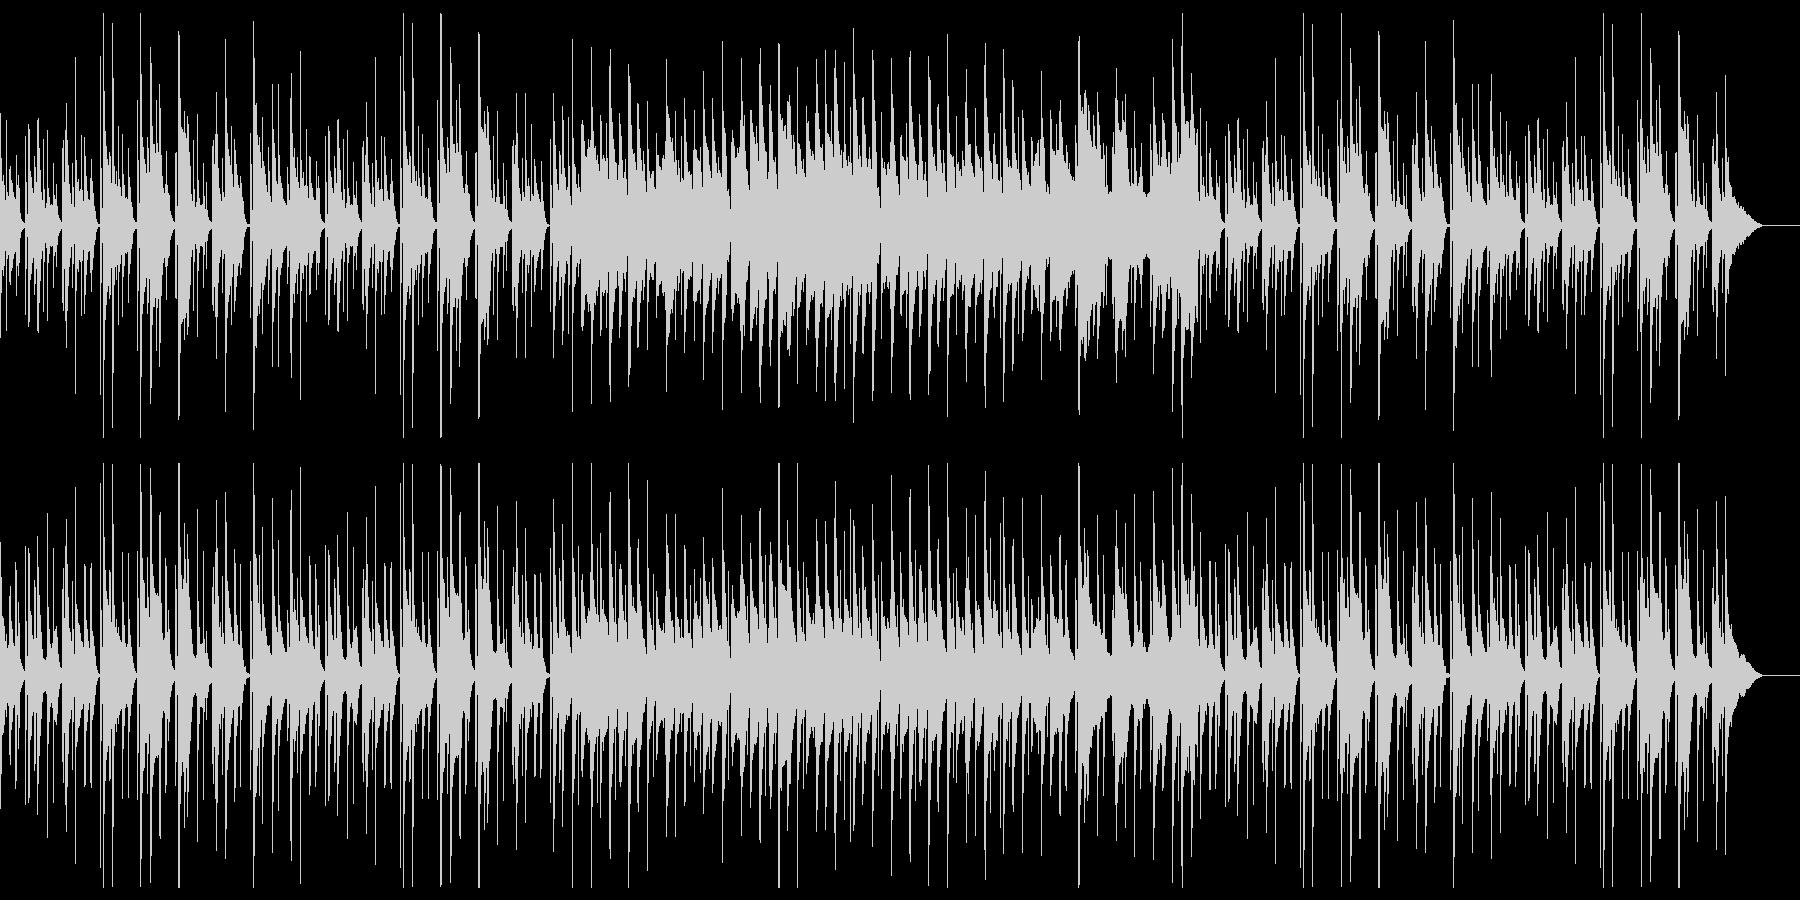 ウクレレと鉄琴のほのぼのポップスの未再生の波形